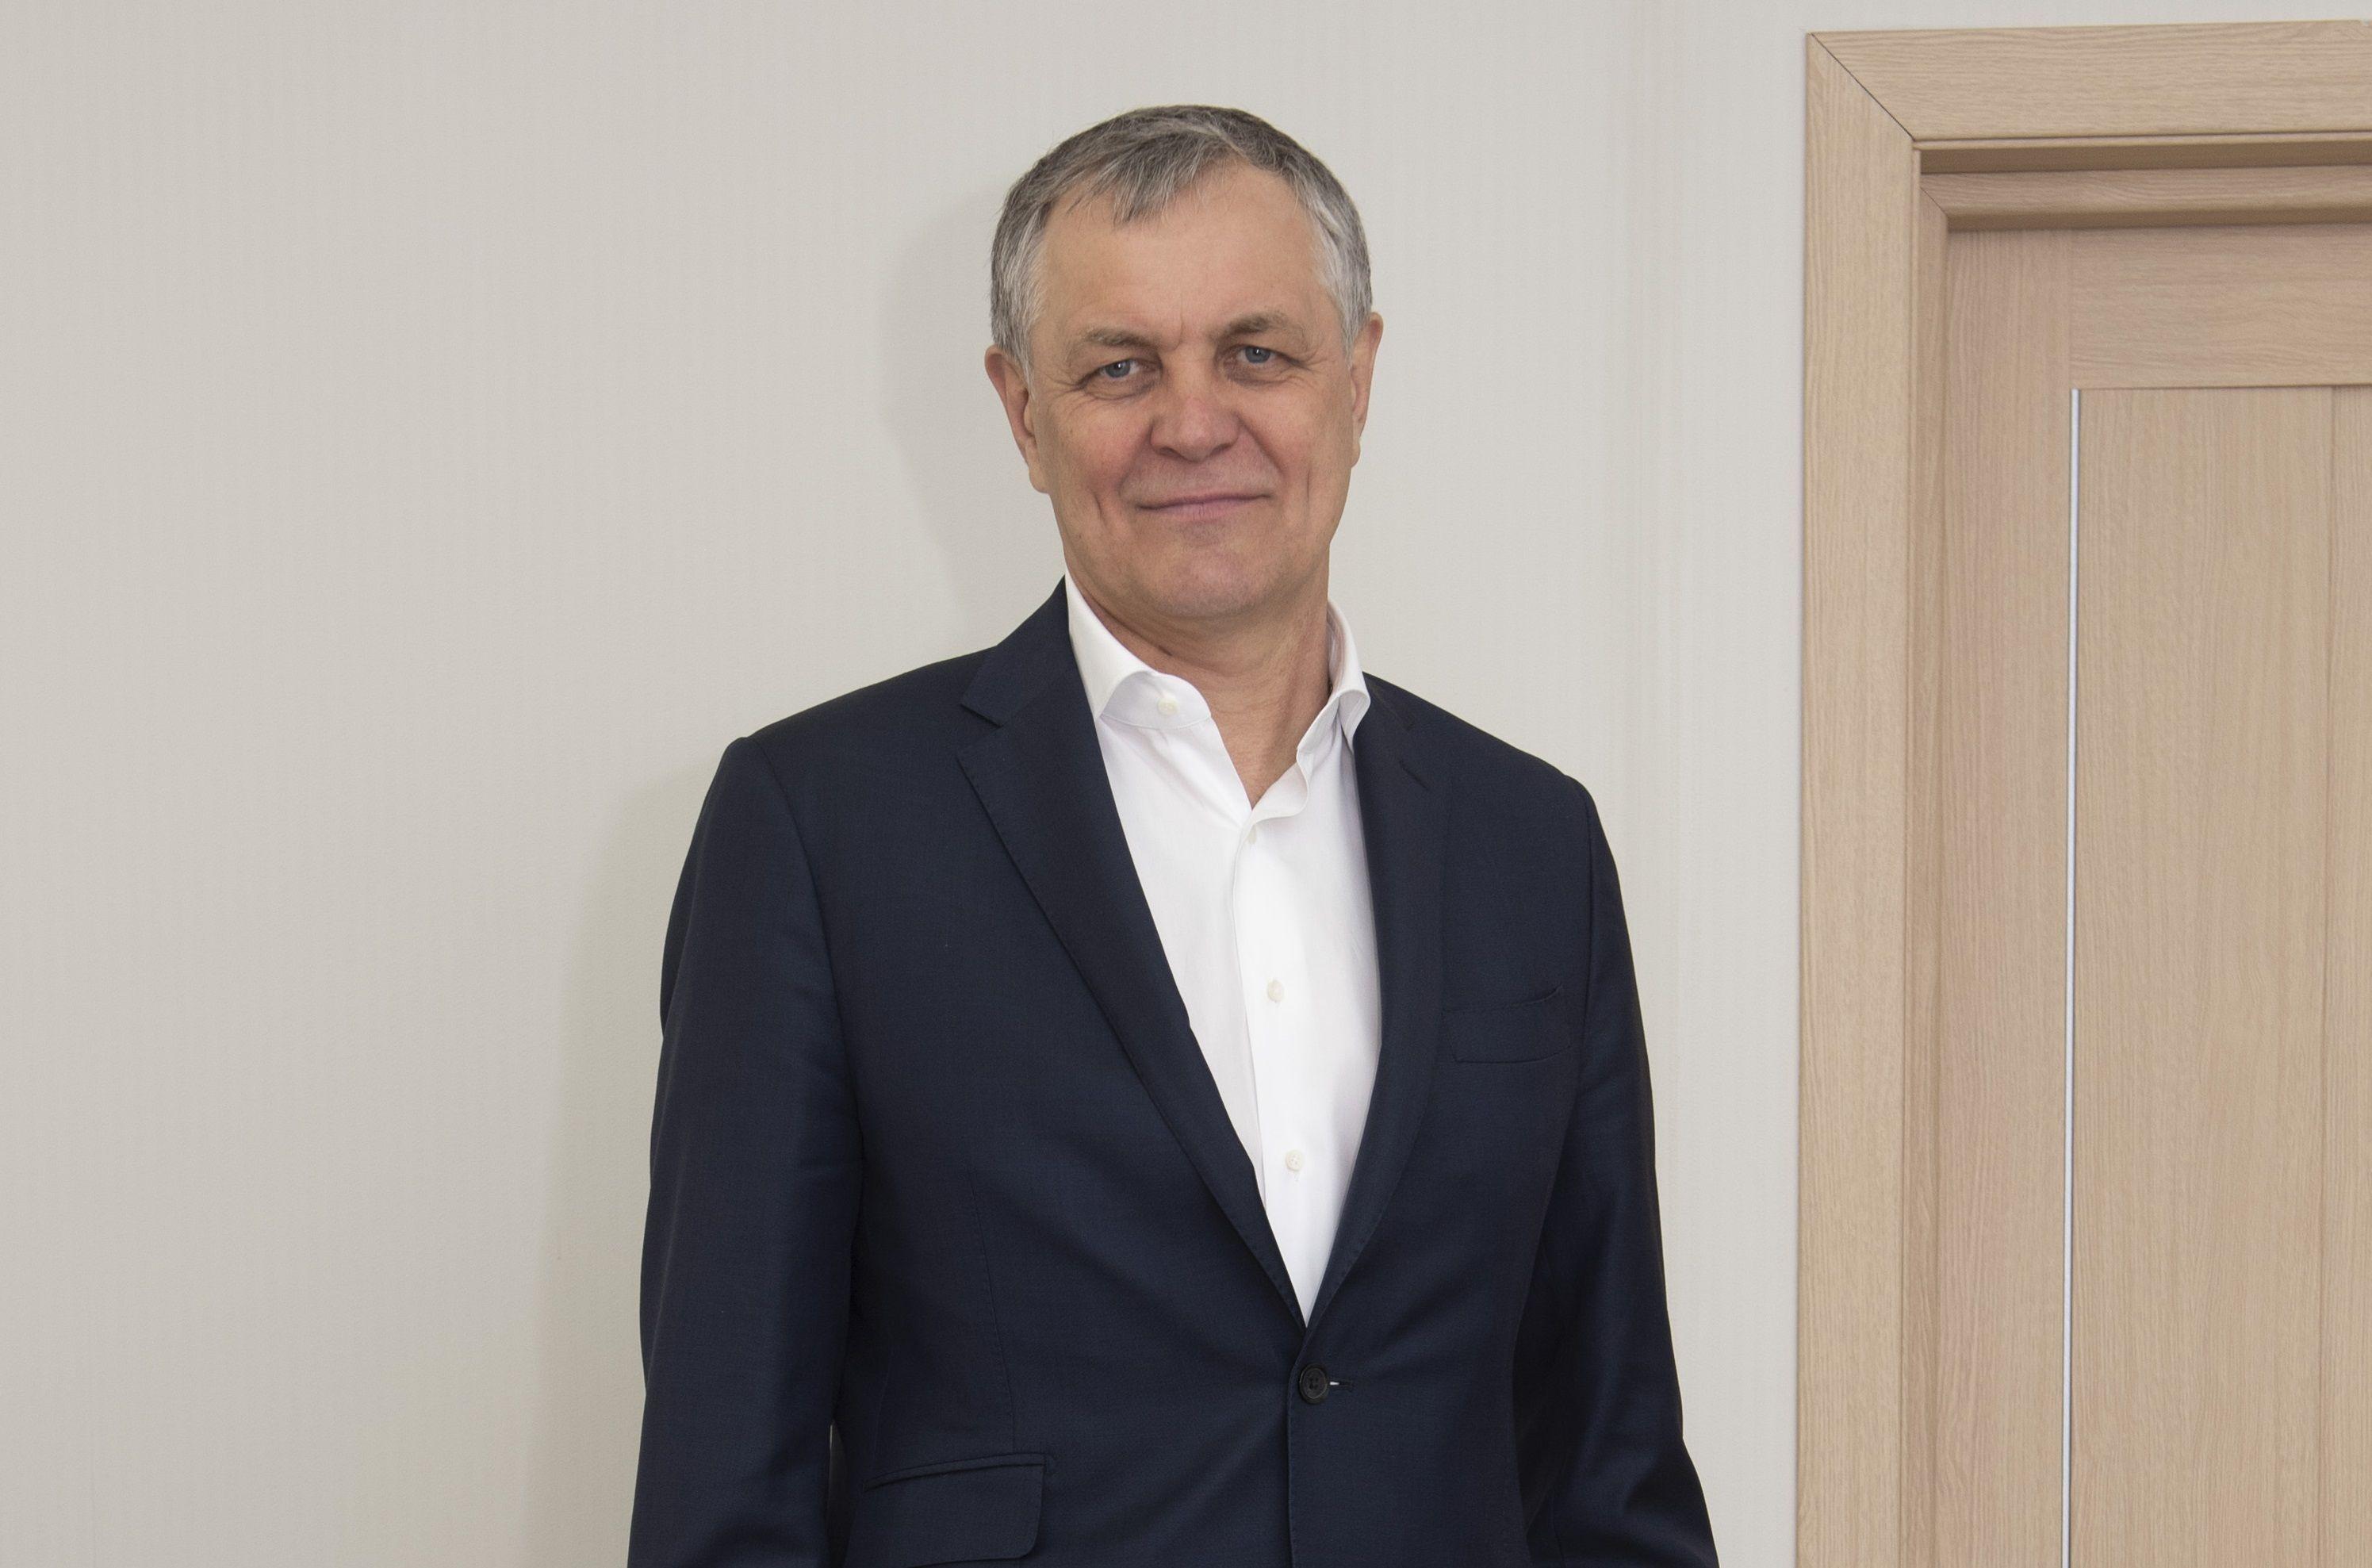 Владимир Жидкин: За три года построим десятки соцобъектов